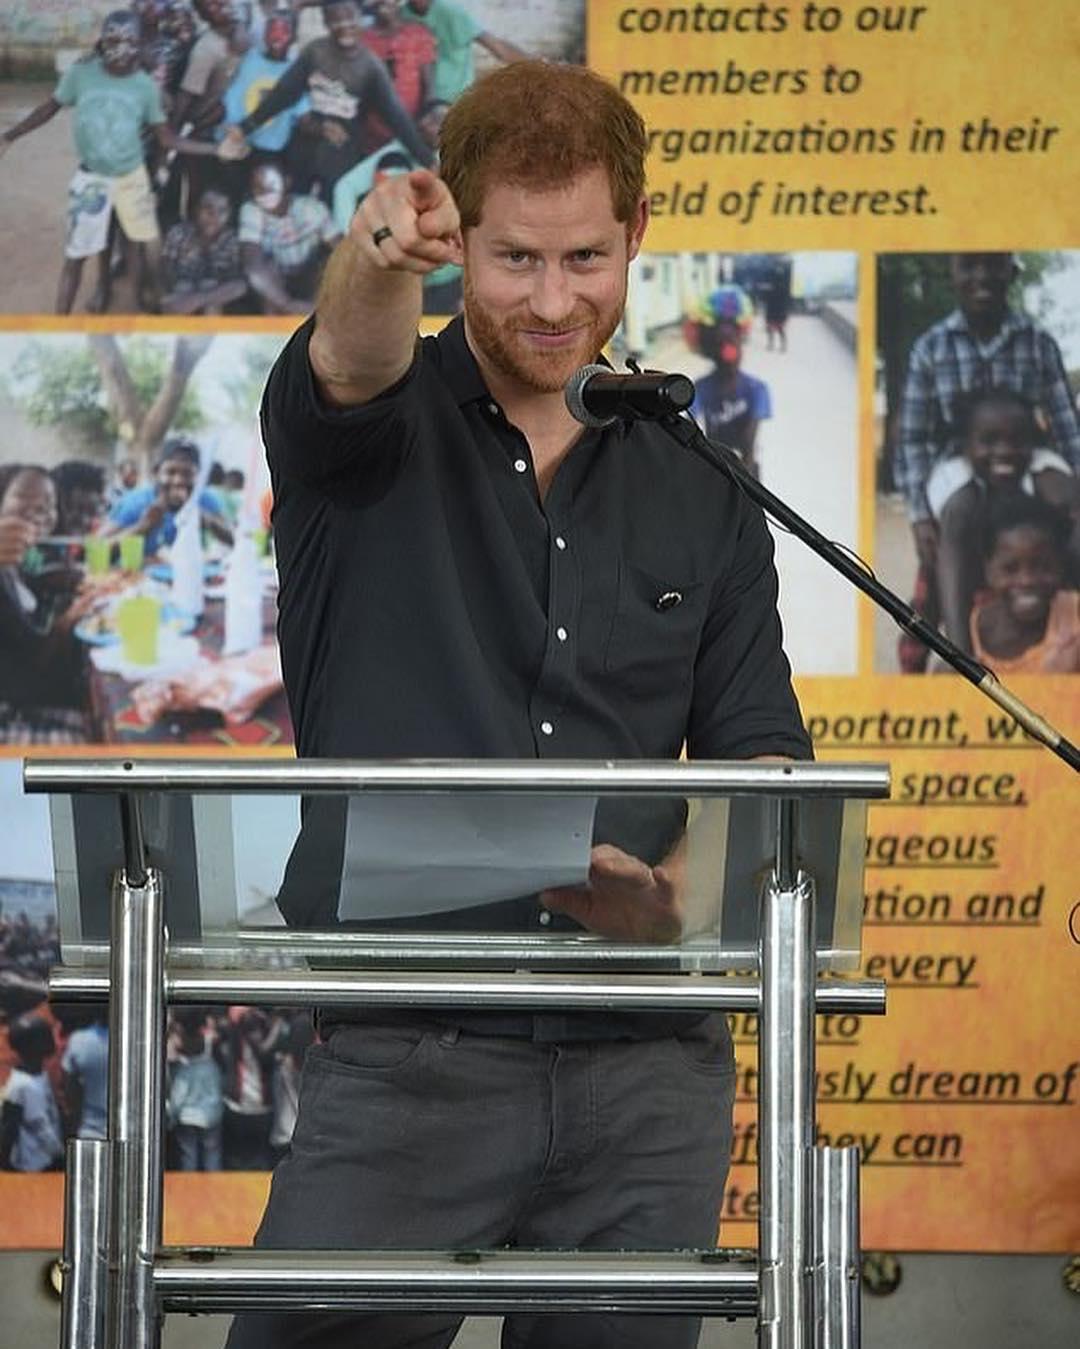 Δύσκολοι καιροί για πρίγκιπες: Ο Harry νιώθει σαν χαμένος στο Λος Άντζελες, σύμφωνα με βασιλικό βιογράφο